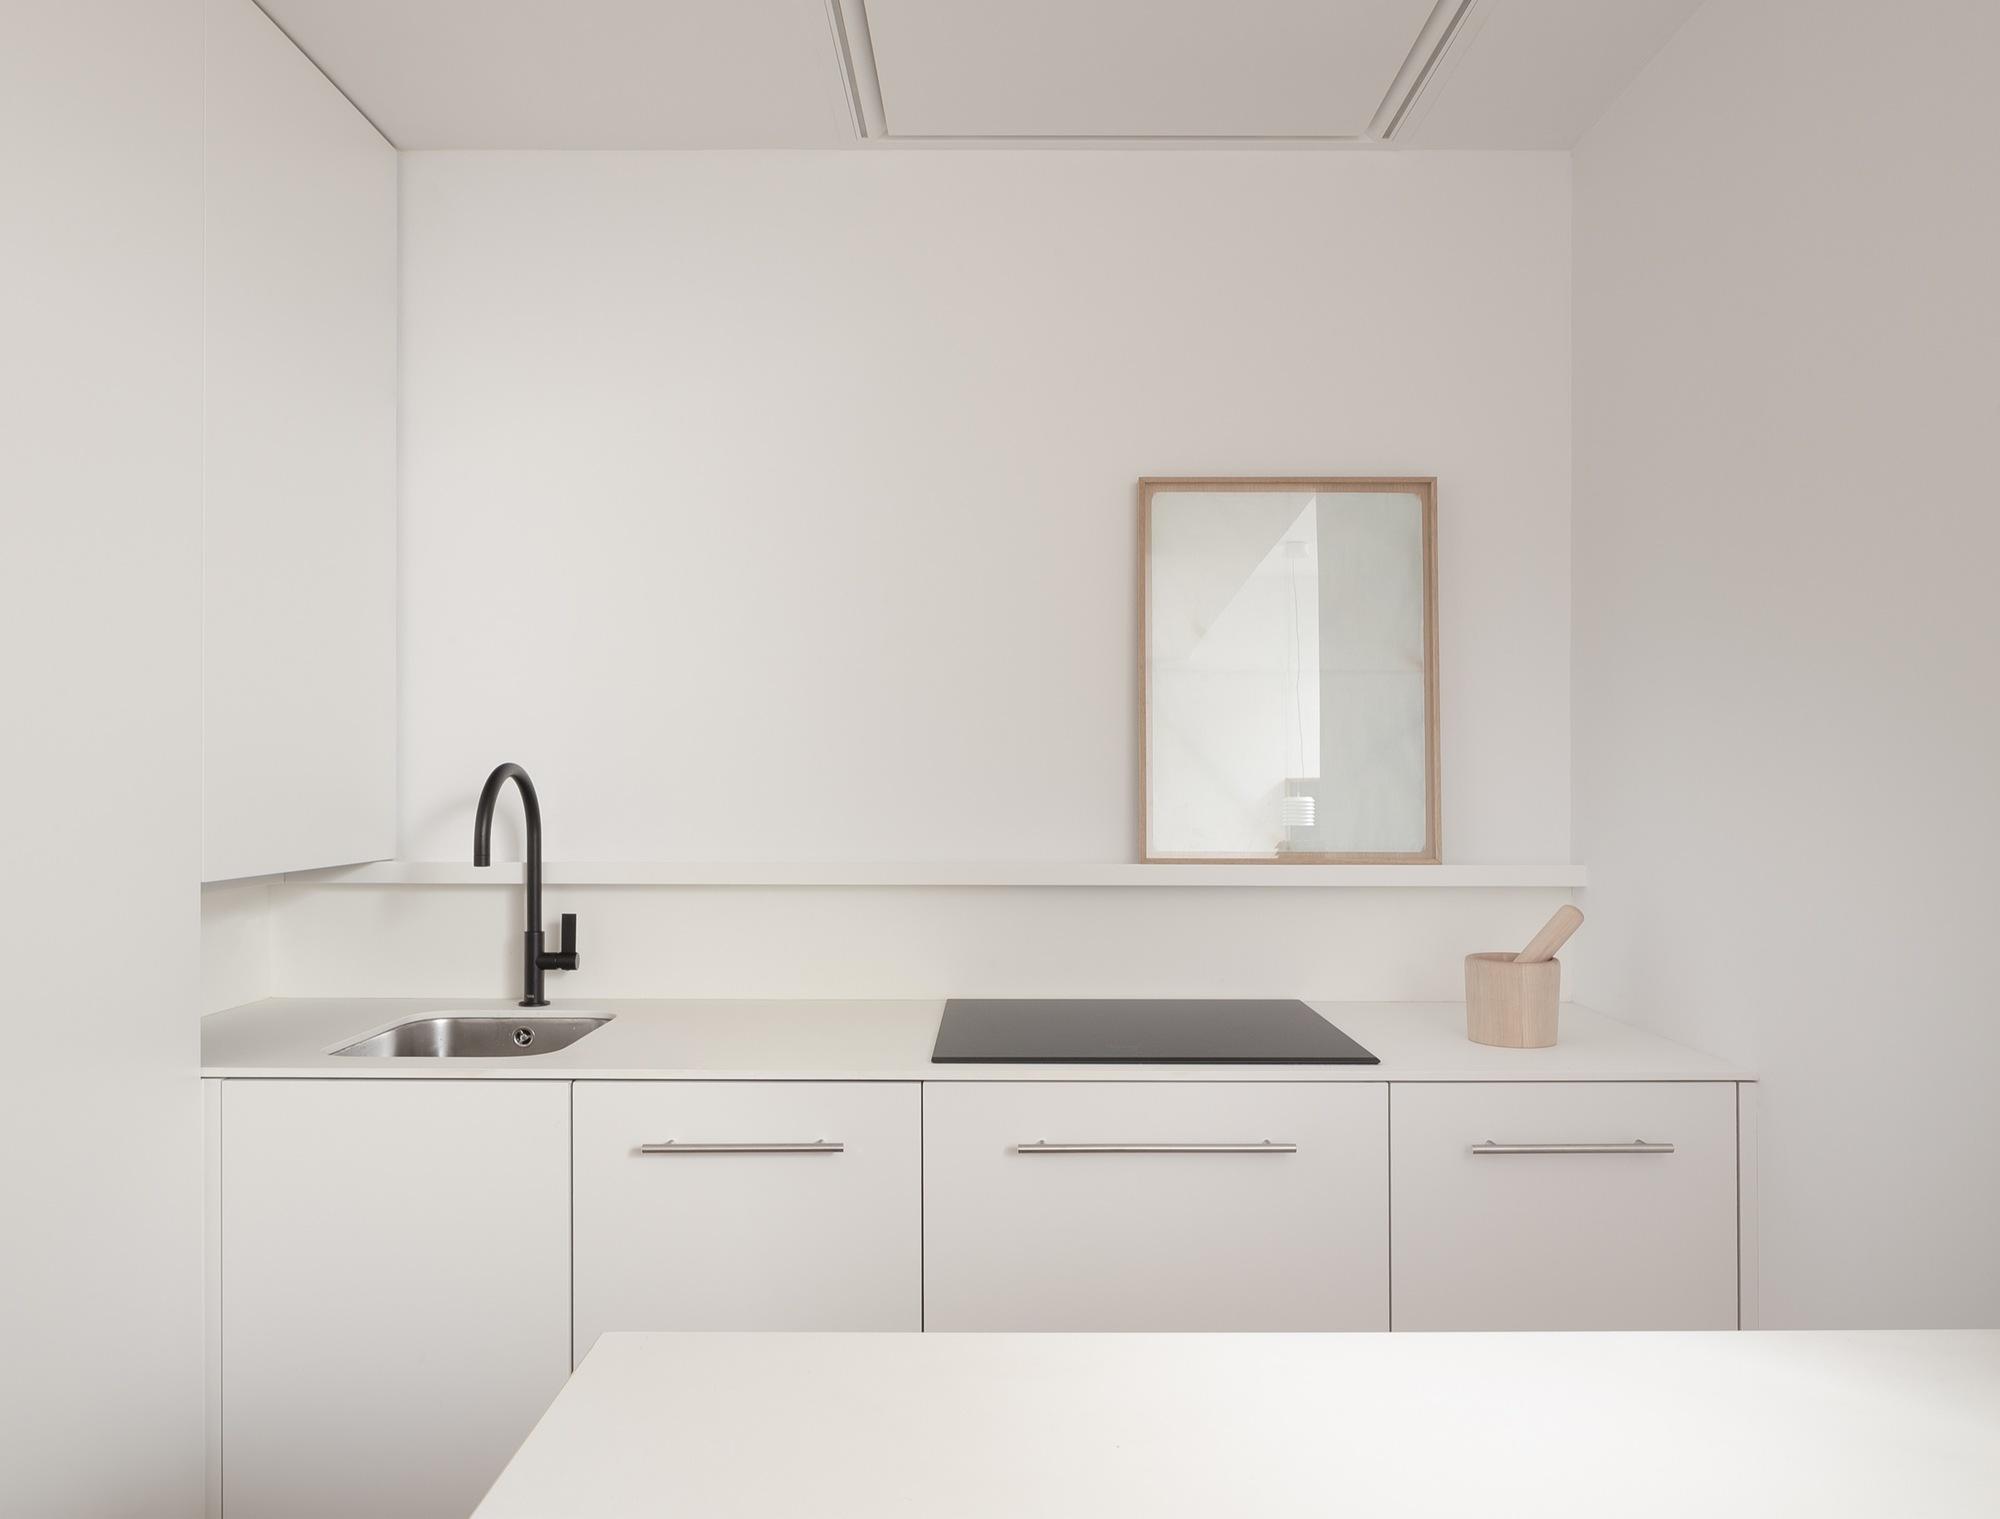 nhà tối giản nhà tối giản ana apartment house elledecoration vn 11